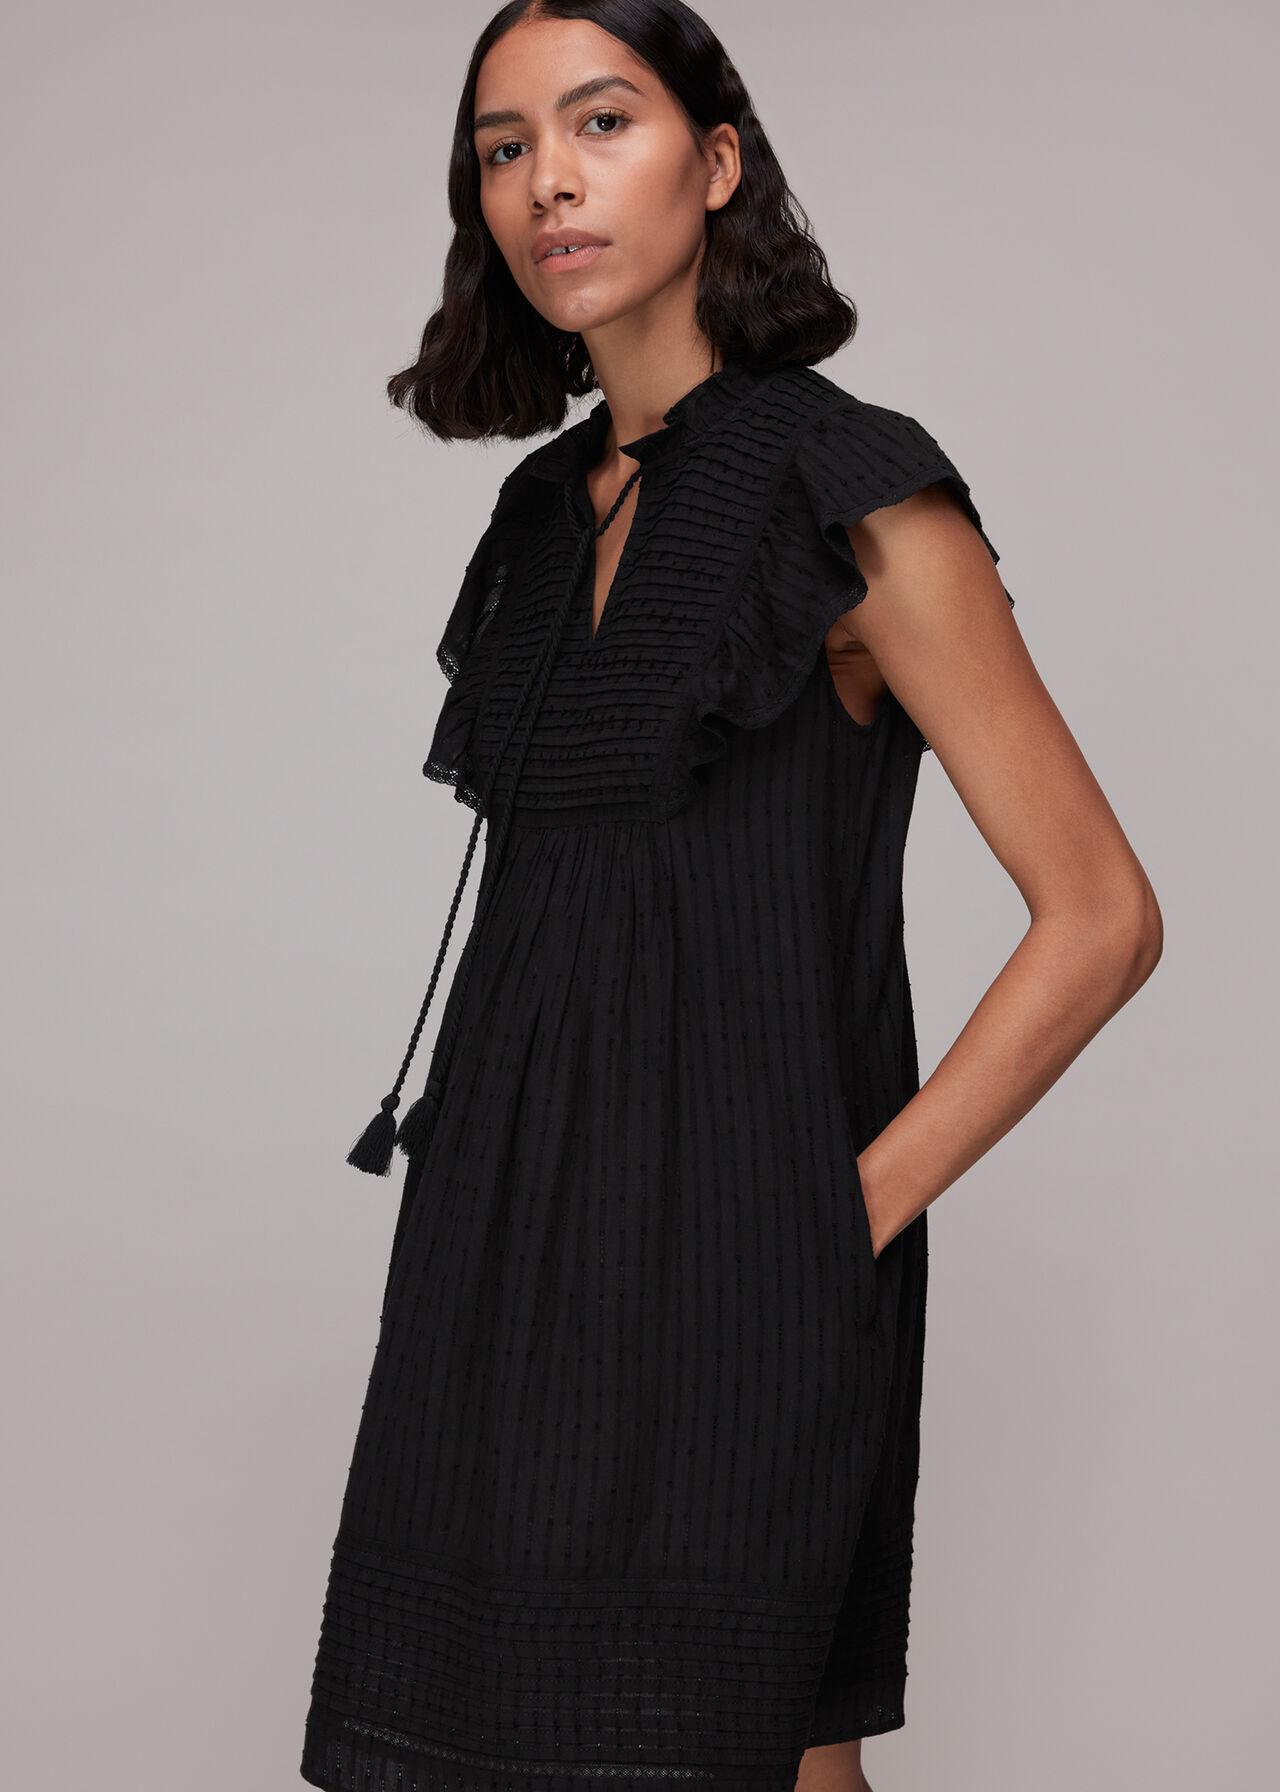 Pintuck Frill Cotton Dress